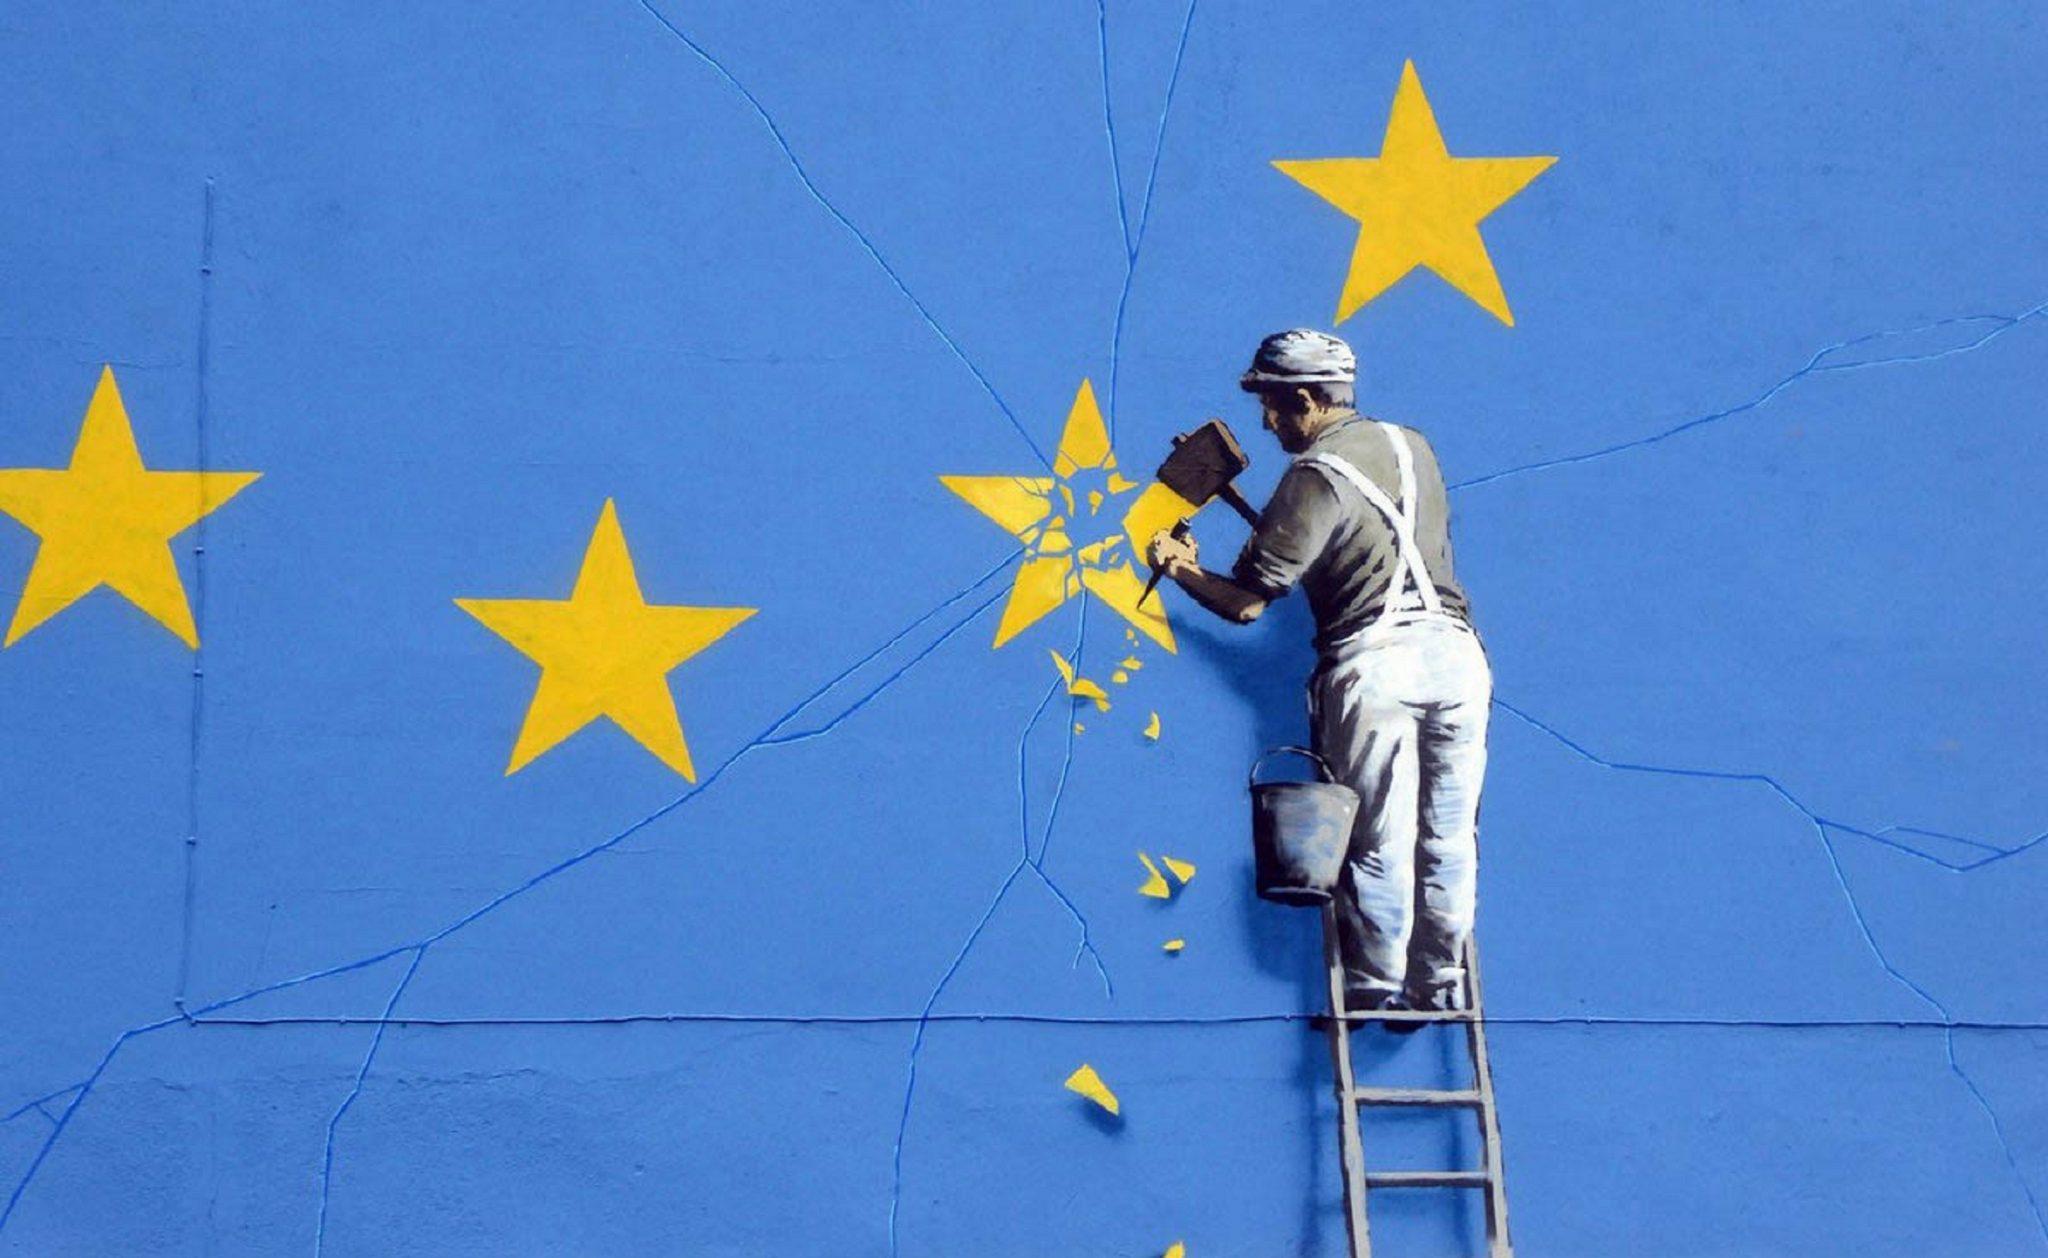 Un operaio rimuove una stella nella bandiera euroepa